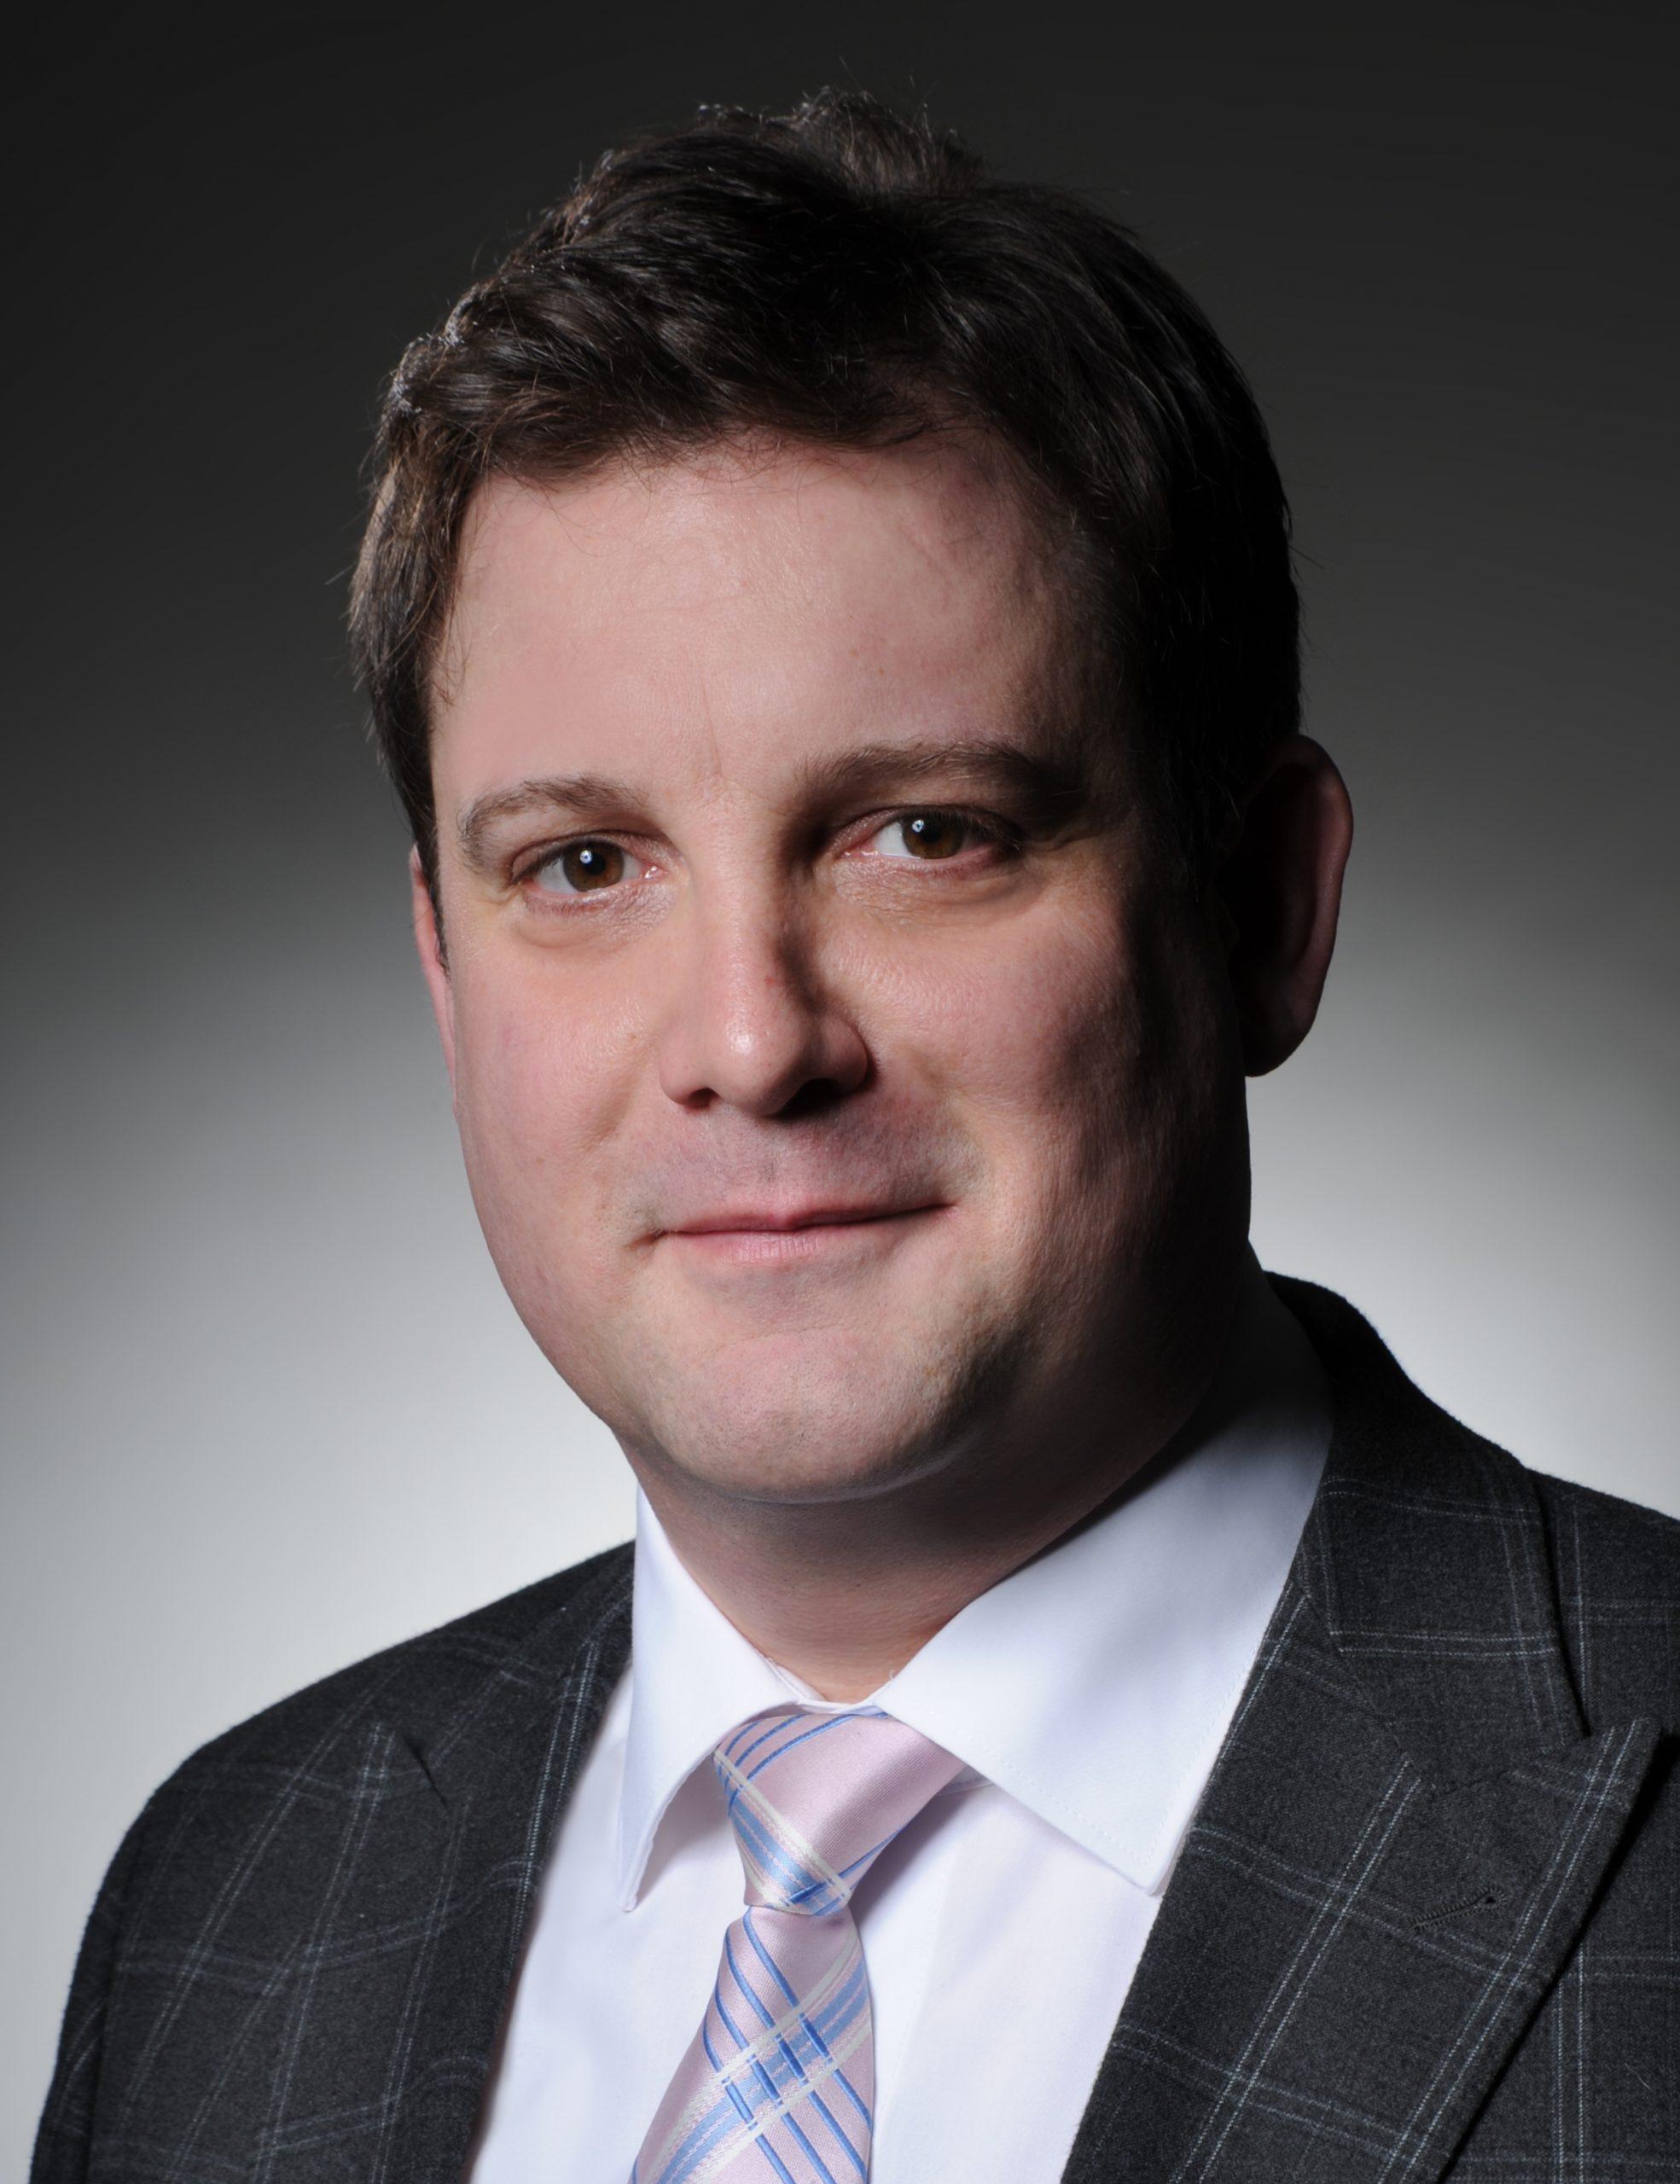 Rechtsanwalt Daniel Kuhlmann